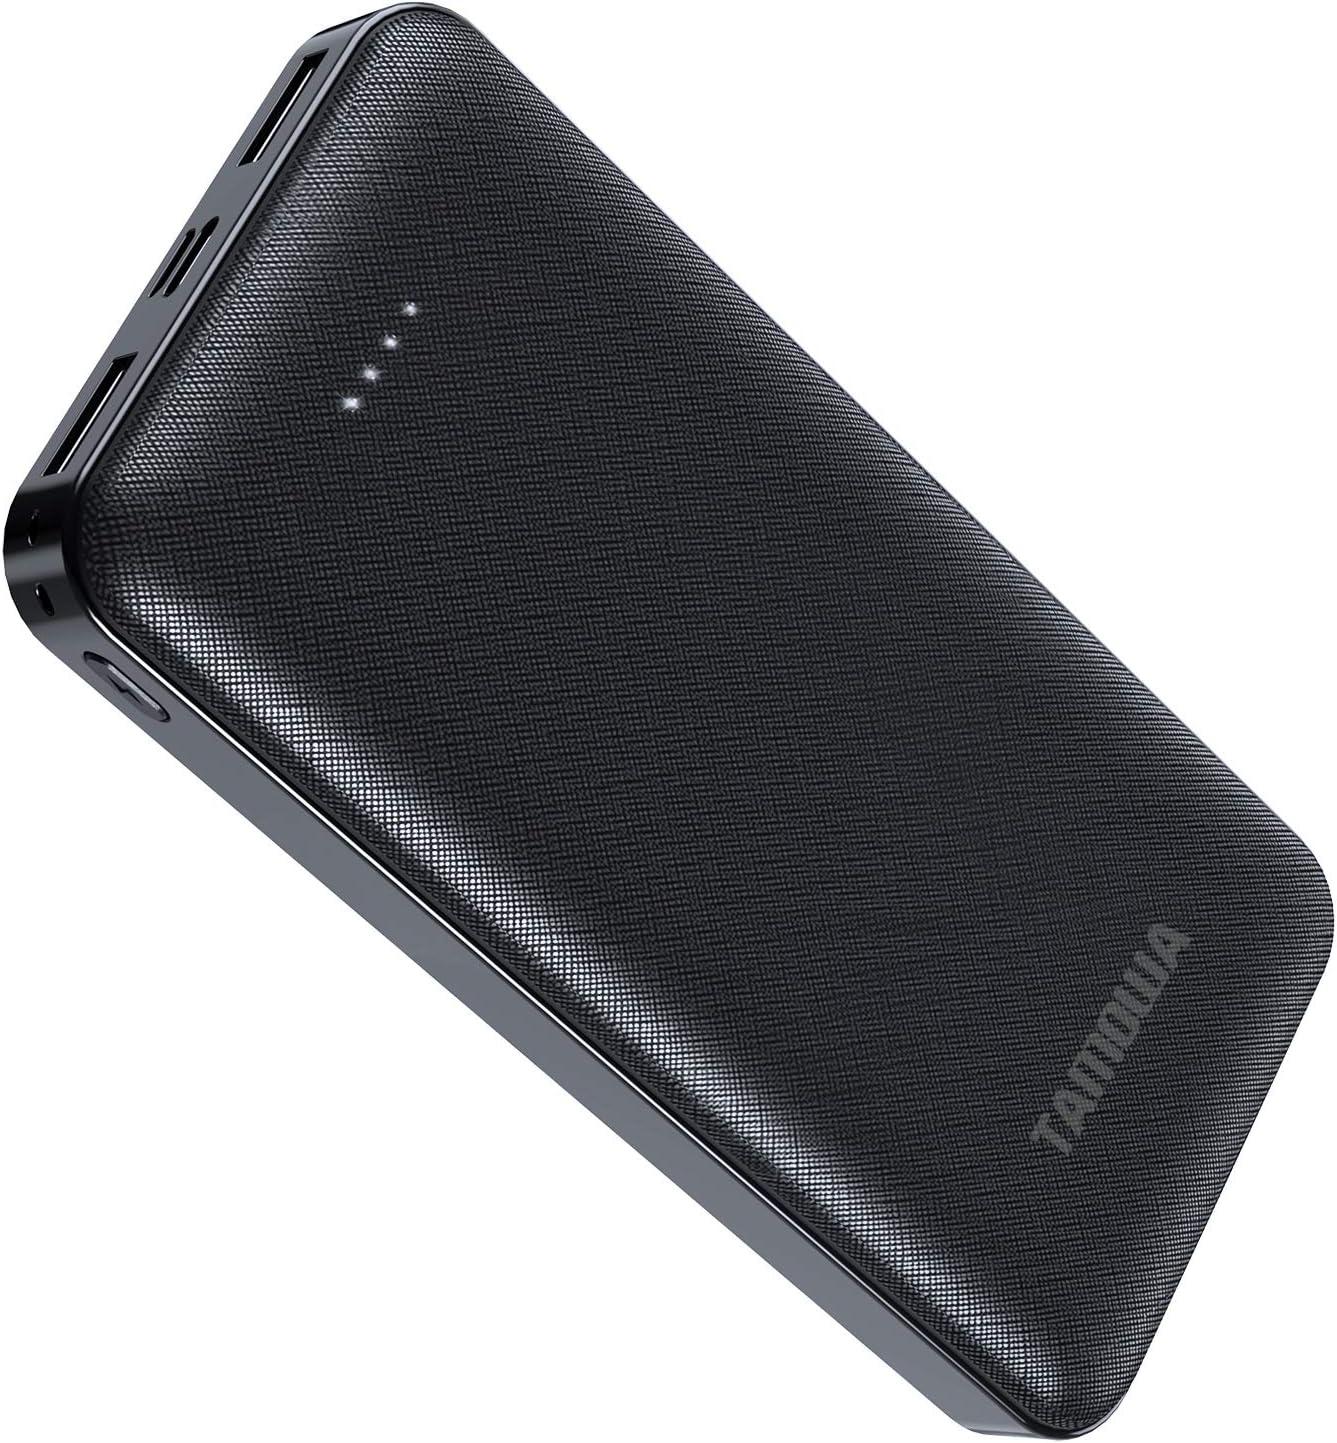 TAMOWA Bateria Externa Movil 20000mah Carga Rapida, USB-C Power Bank con PD 18W Power Delivery, Cargador Portátil Móvil con 3 Salida y 2 Entrada para iPhone,Samsung, Huawei, Xiaomi y Más, Negro